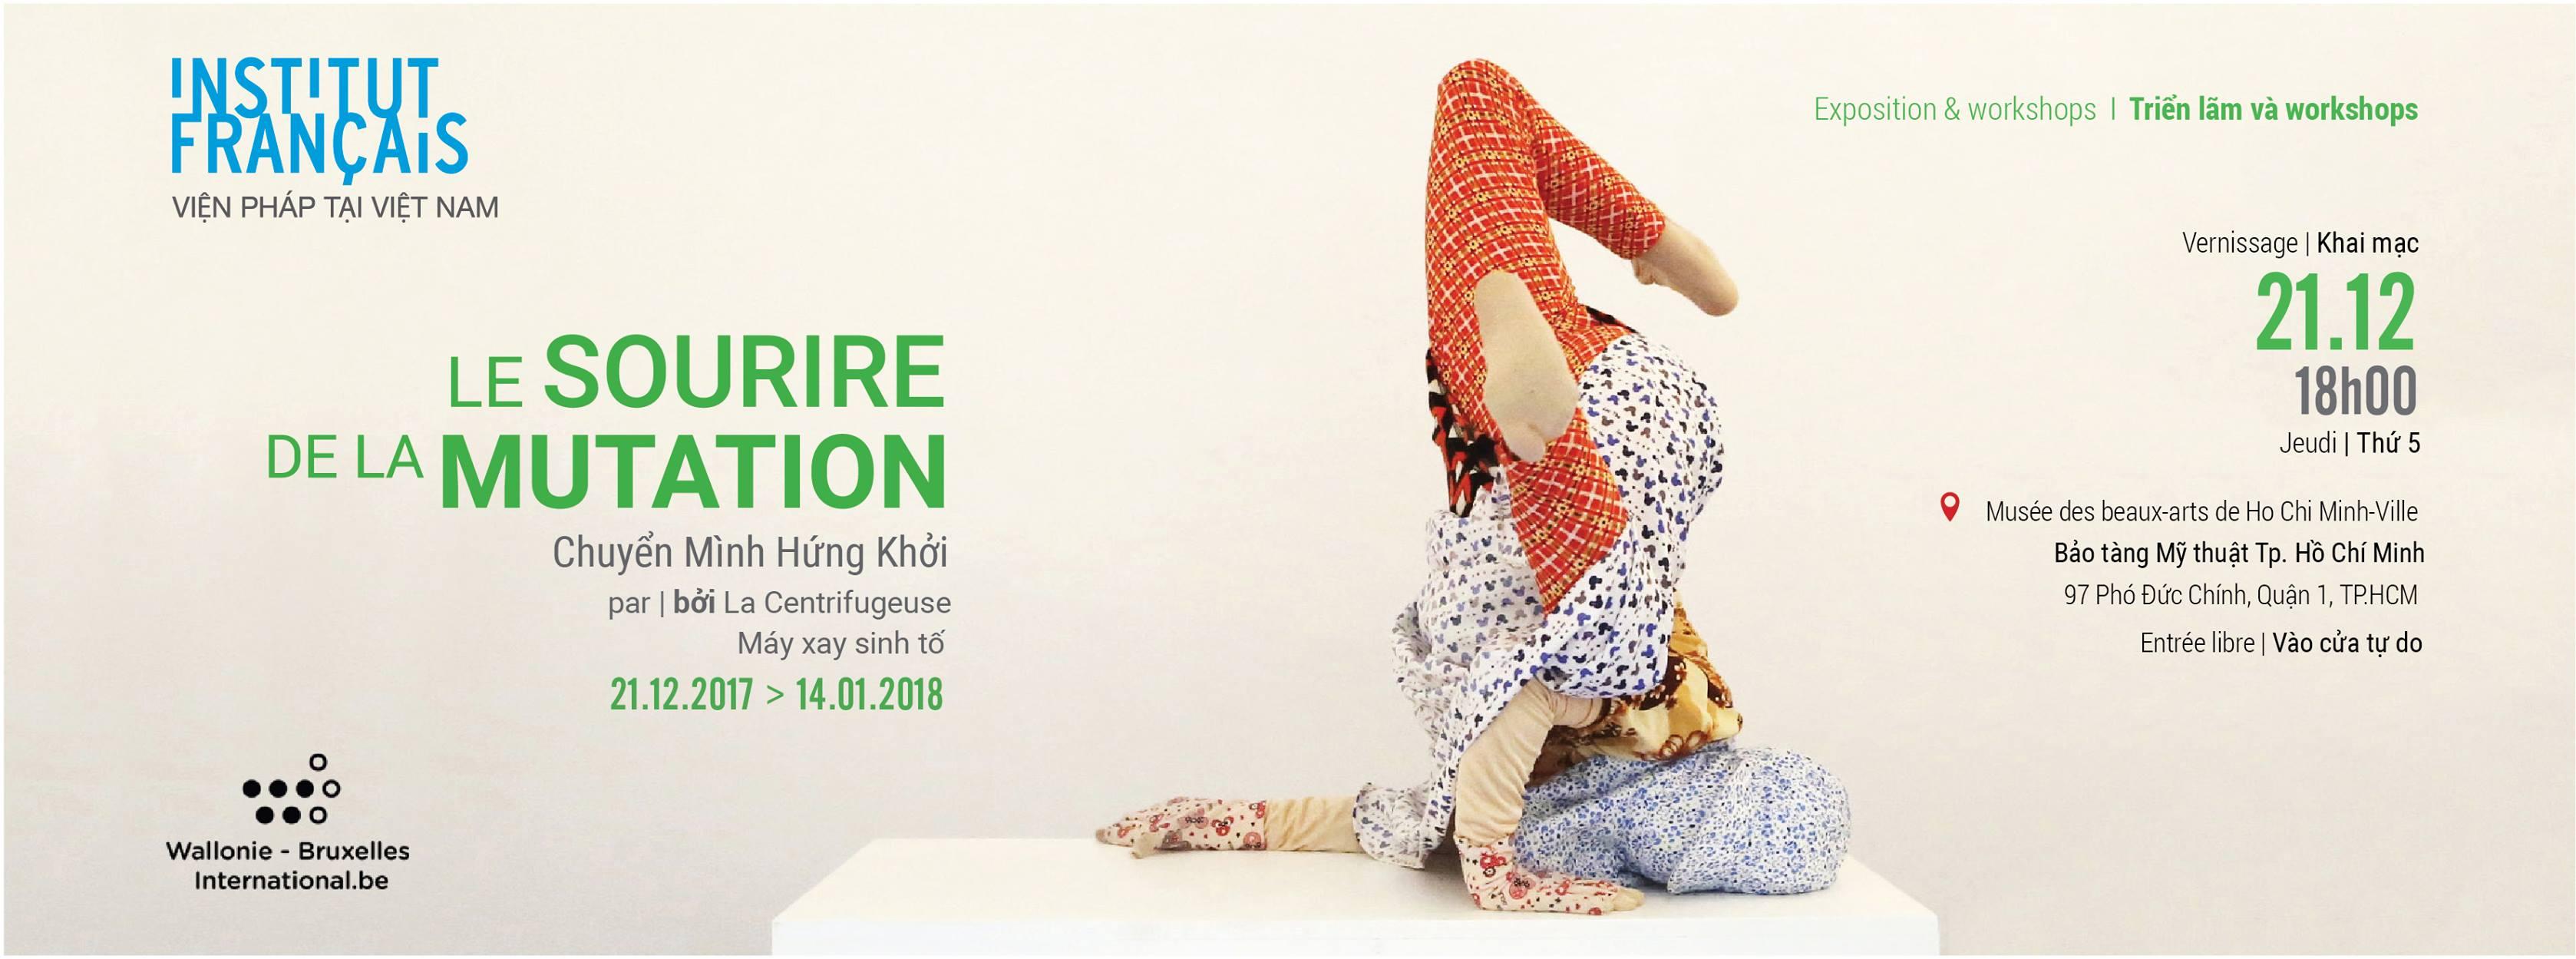 Bientôt l'exposition «Le sourire de la mutation» à Hô Chi Minh-Ville